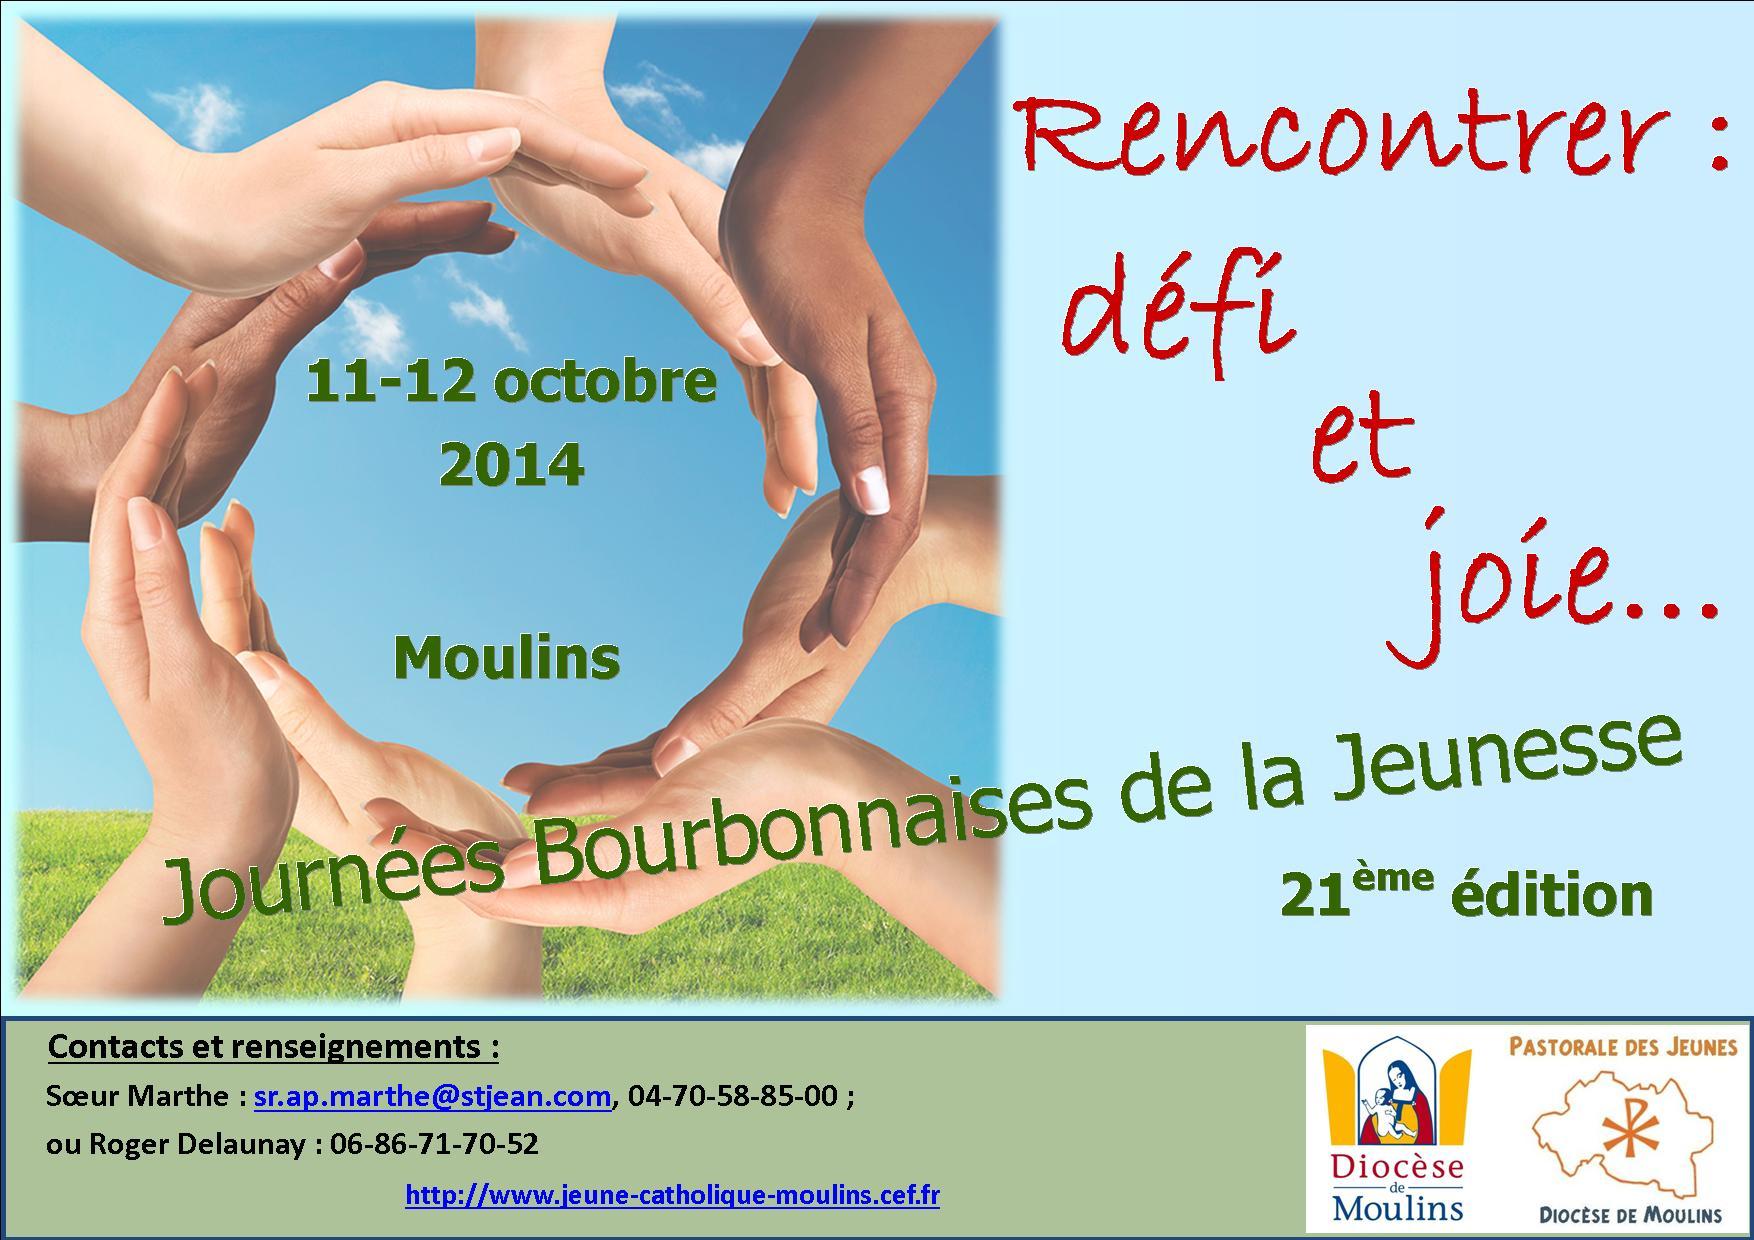 """JBJ : """"Rencontrer : défi et joie..."""""""